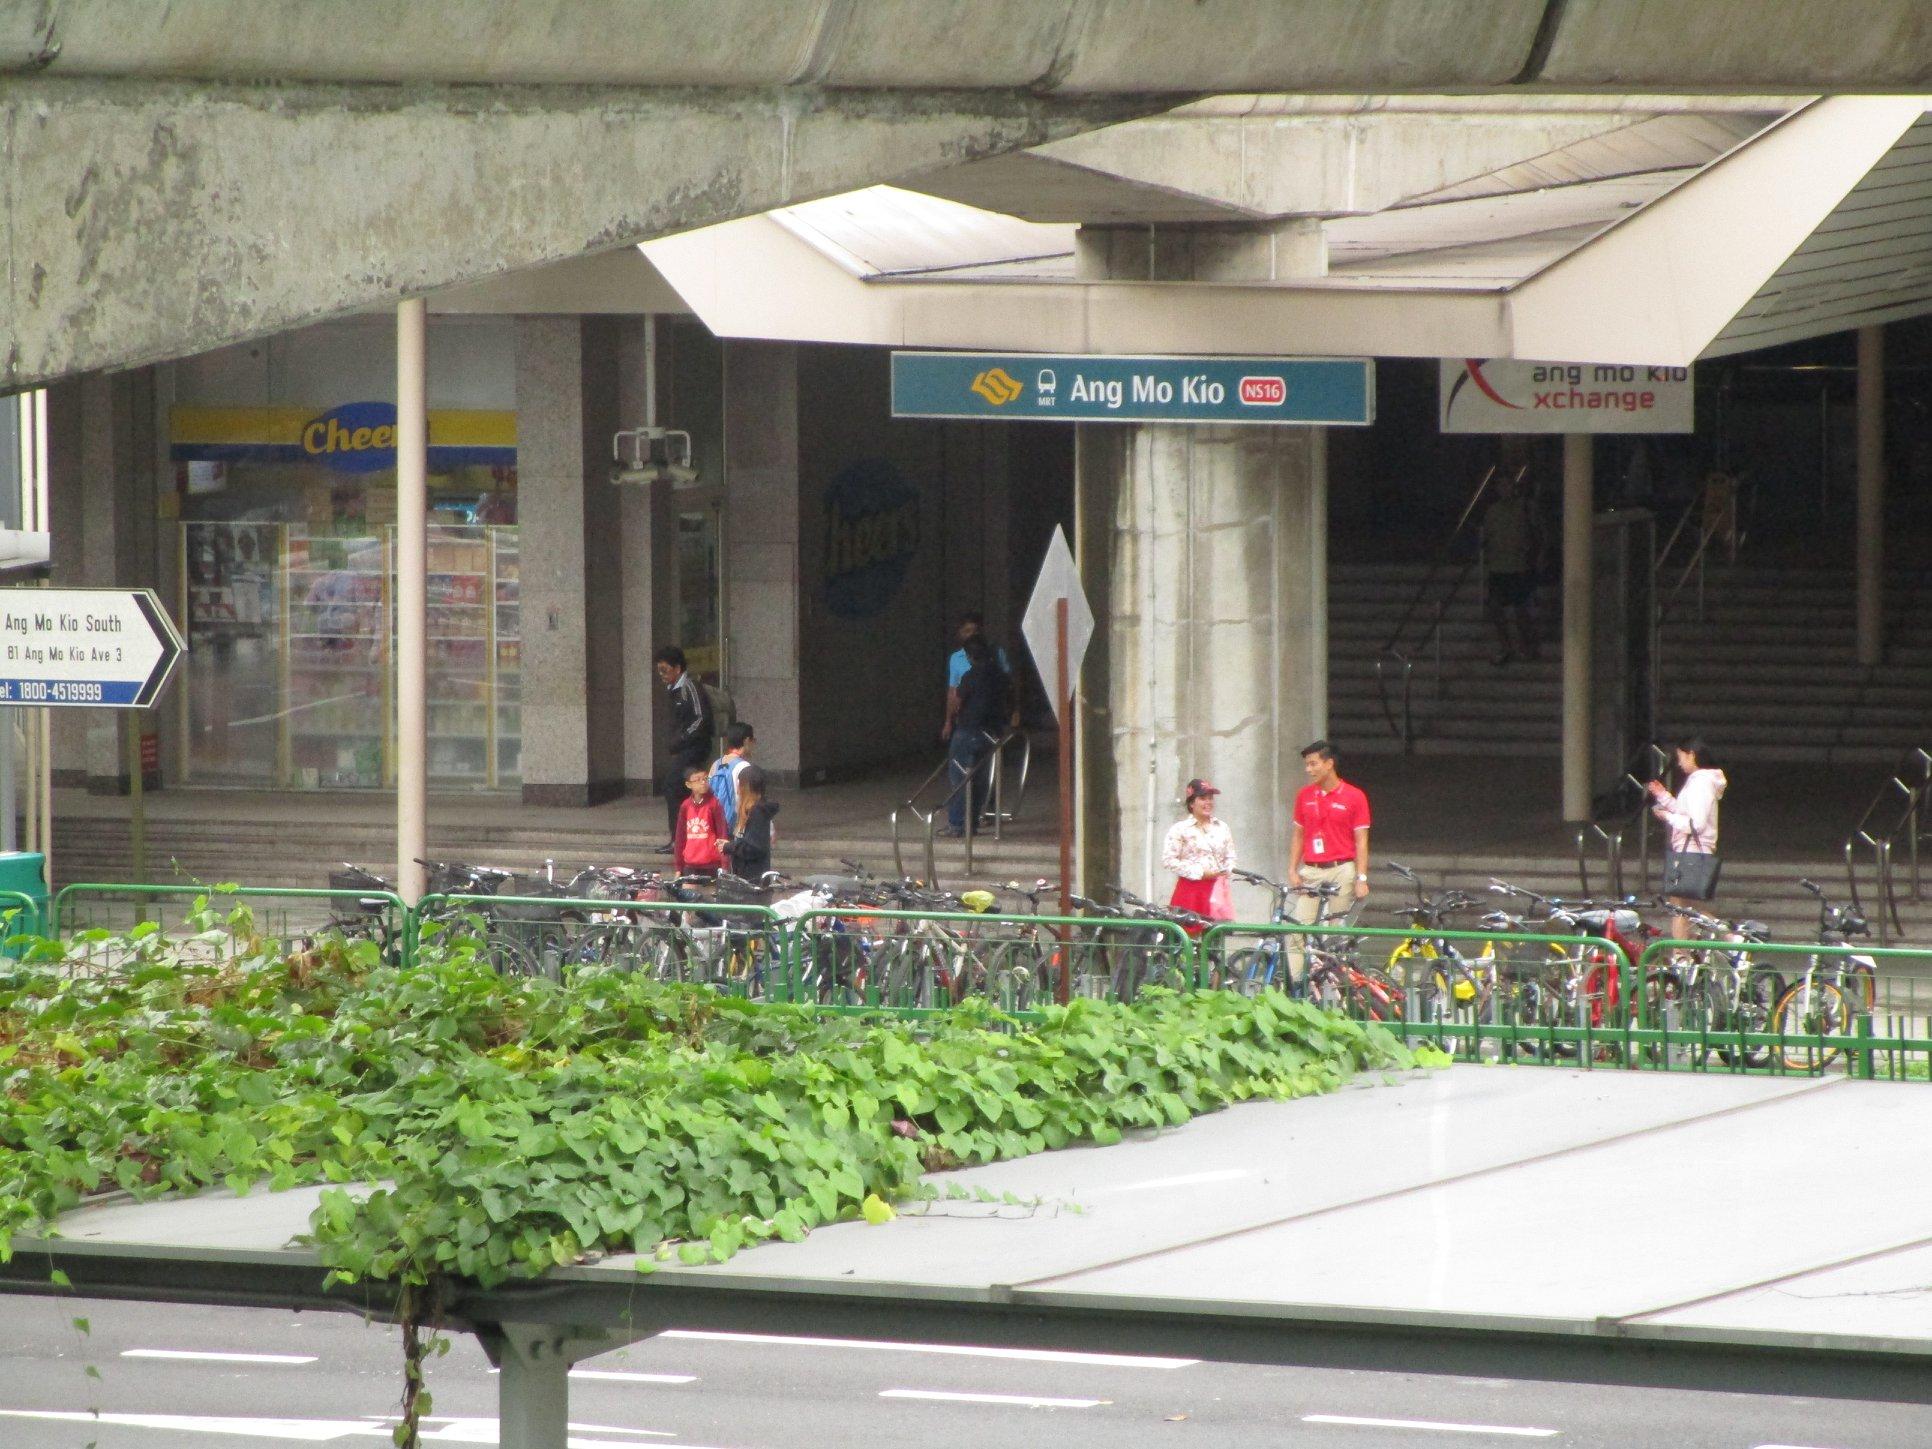 シンガポール賃貸 アンモキオ で月$350 が結構激ヤバかもな件。 バジェットならしょうがないけど。